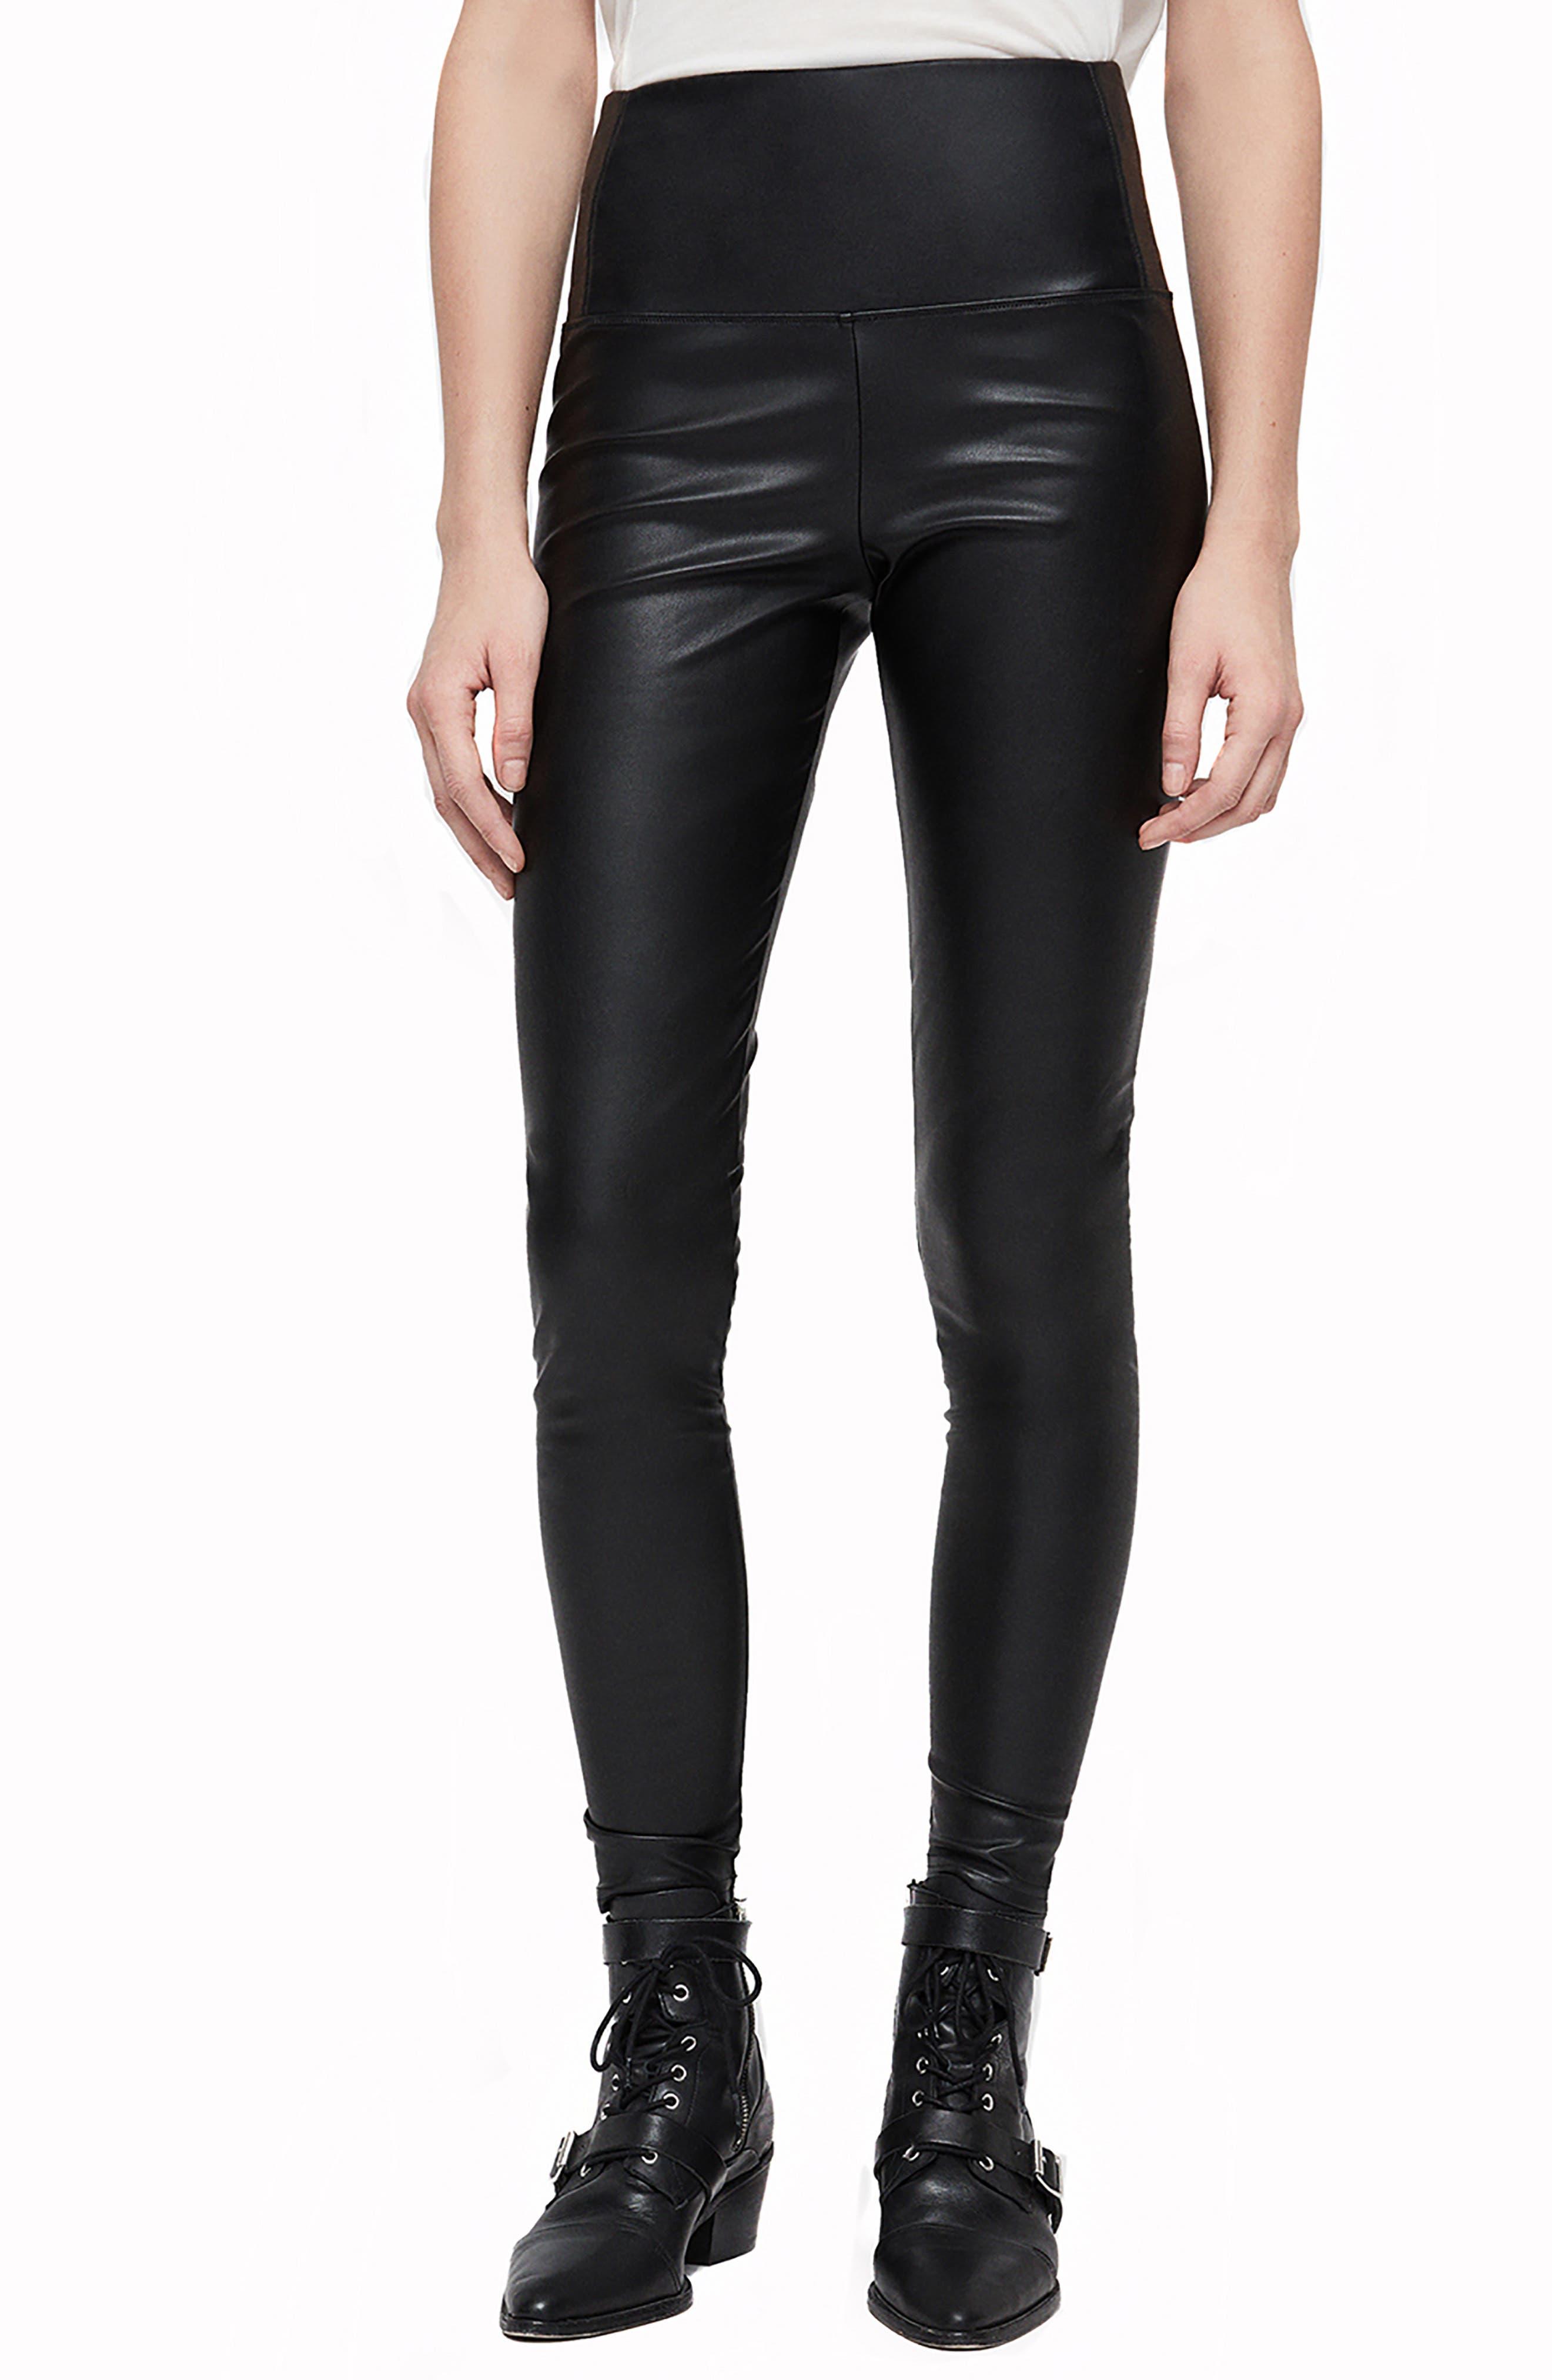 Cora Faux Leather Leggings,                         Main,                         color, BLACK